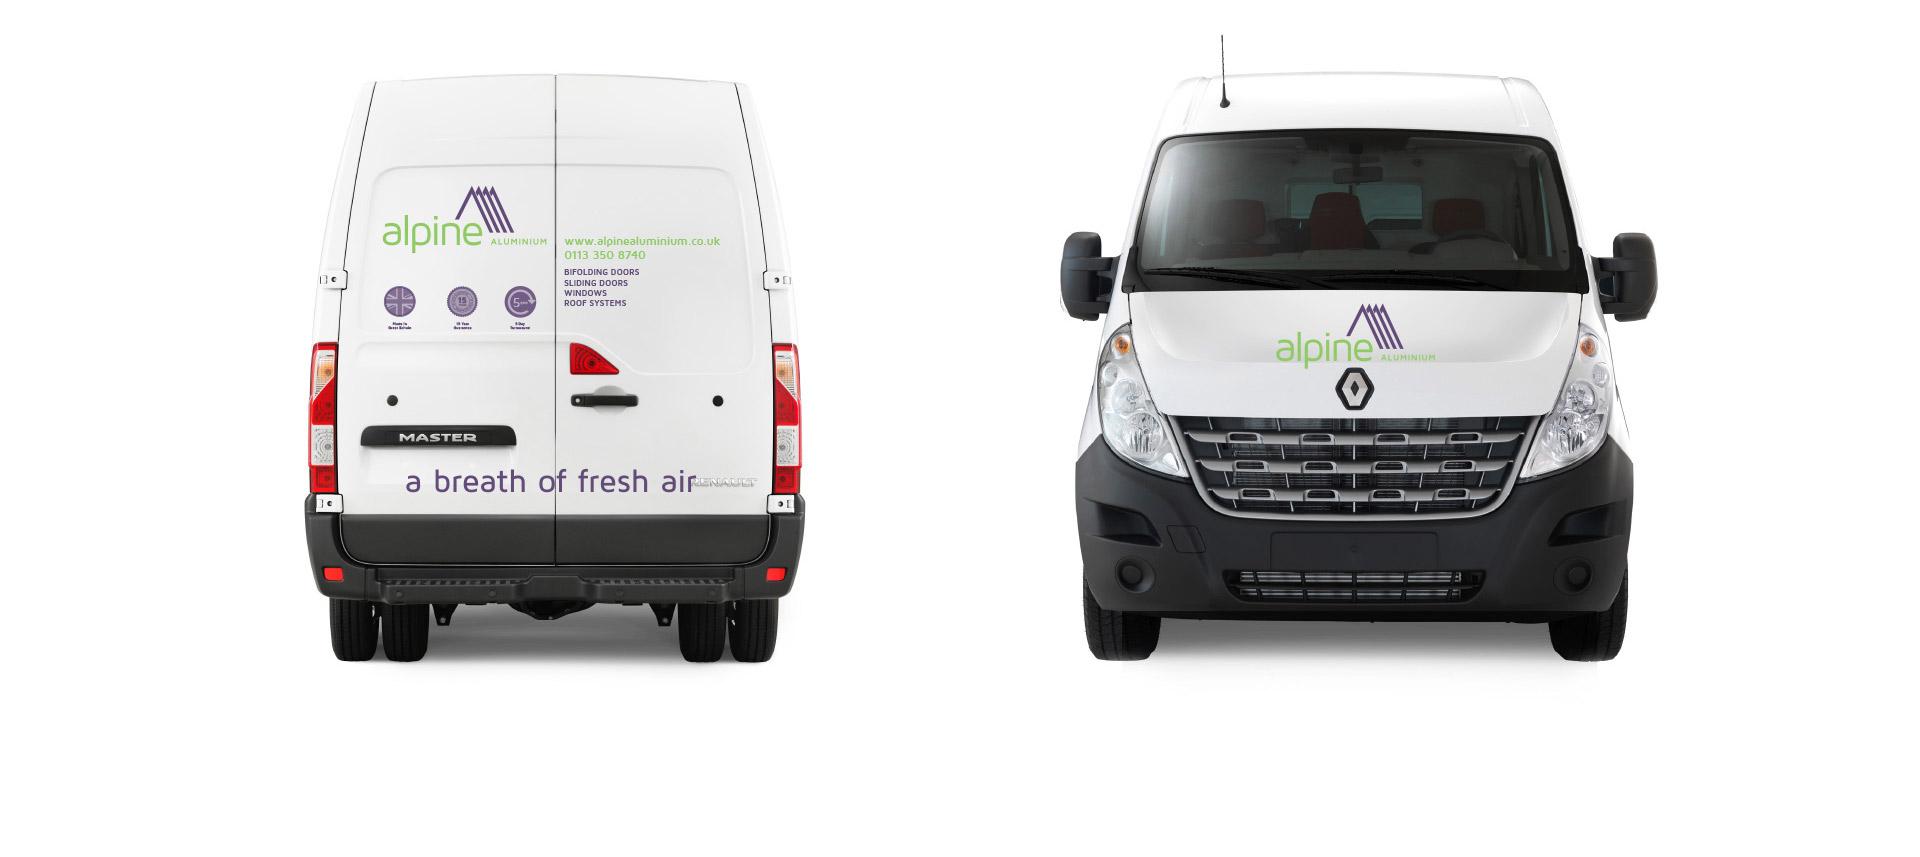 alpine branded vehicles